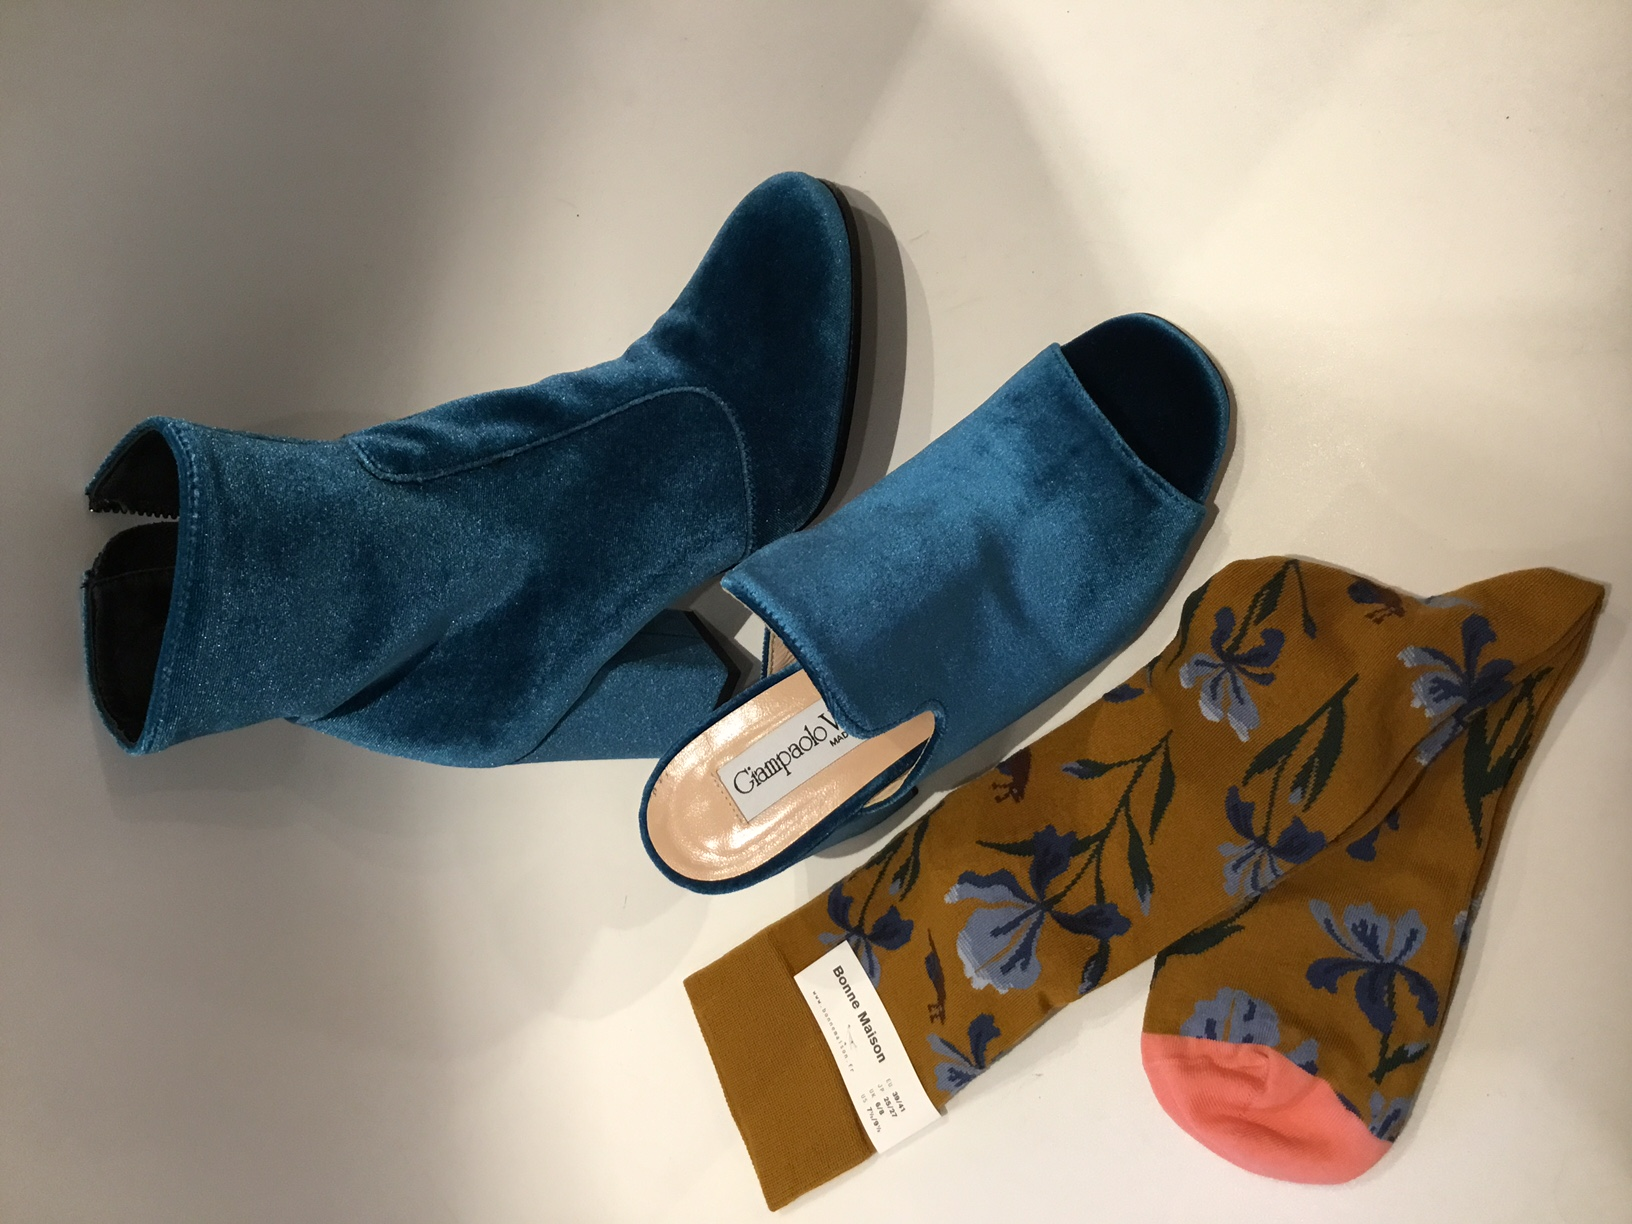 negozio scarpe Follonica